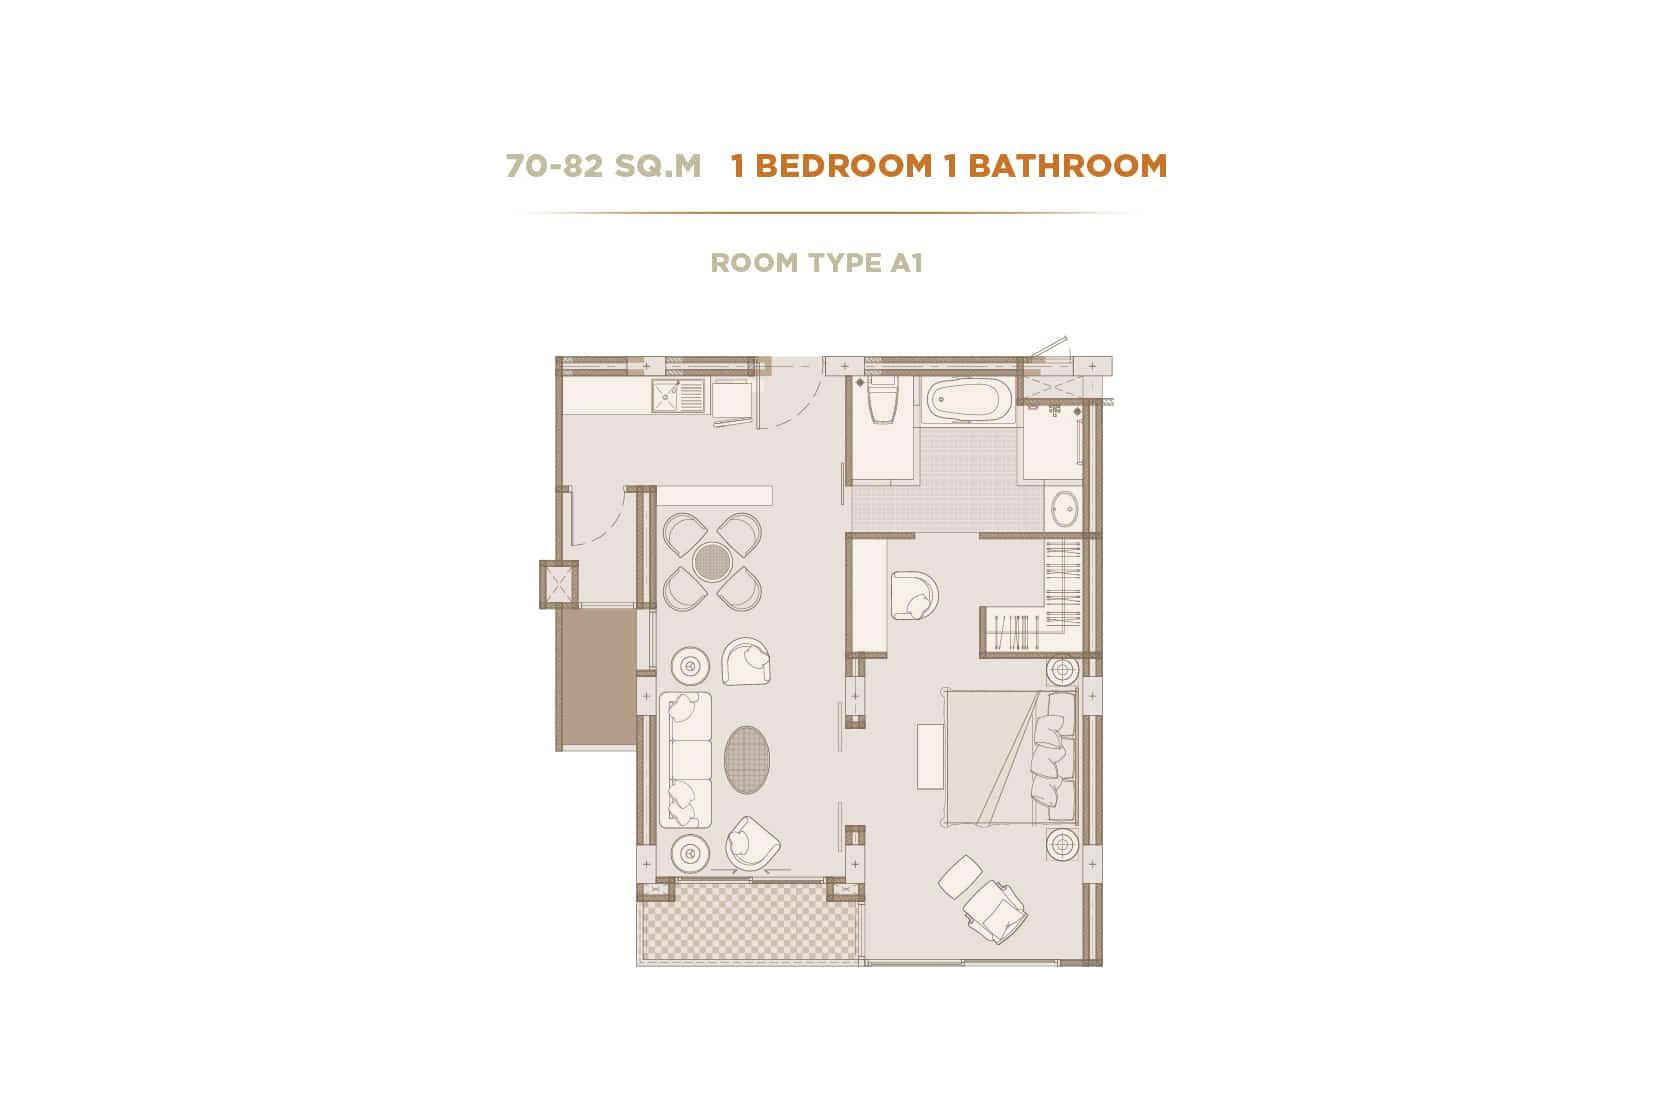 เดอะ ไพรเวท เรสซิเด้นซ์ ราชดำริ-1 Bedroom -The private residence Rajdamri - เดอะ ไพรเวท เรสซิเด้นซ์ ราชดำริ